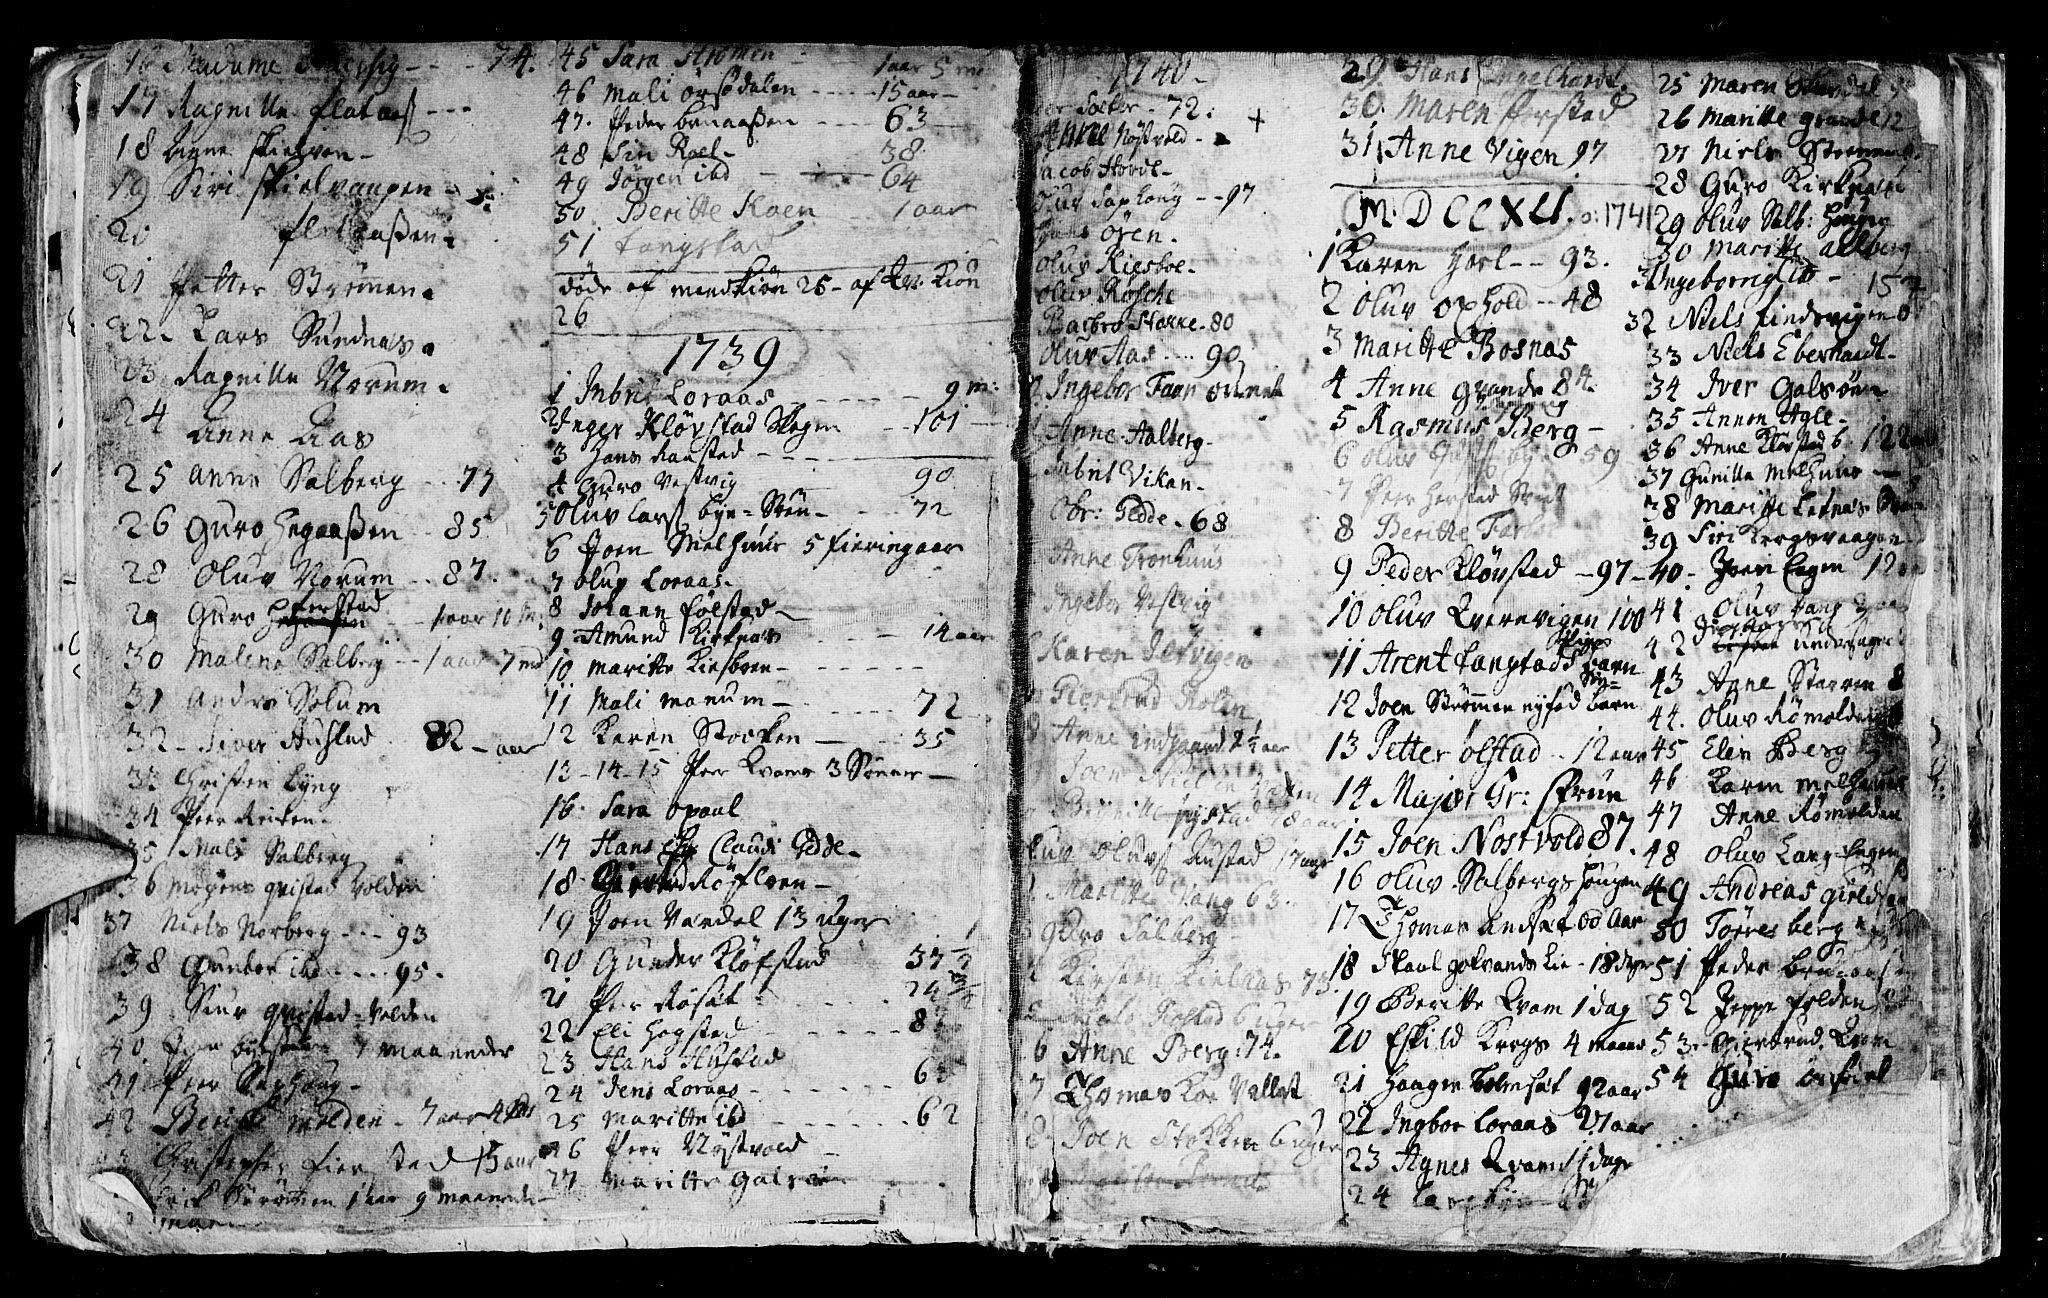 SAT, Ministerialprotokoller, klokkerbøker og fødselsregistre - Nord-Trøndelag, 730/L0272: Ministerialbok nr. 730A01, 1733-1764, s. 157